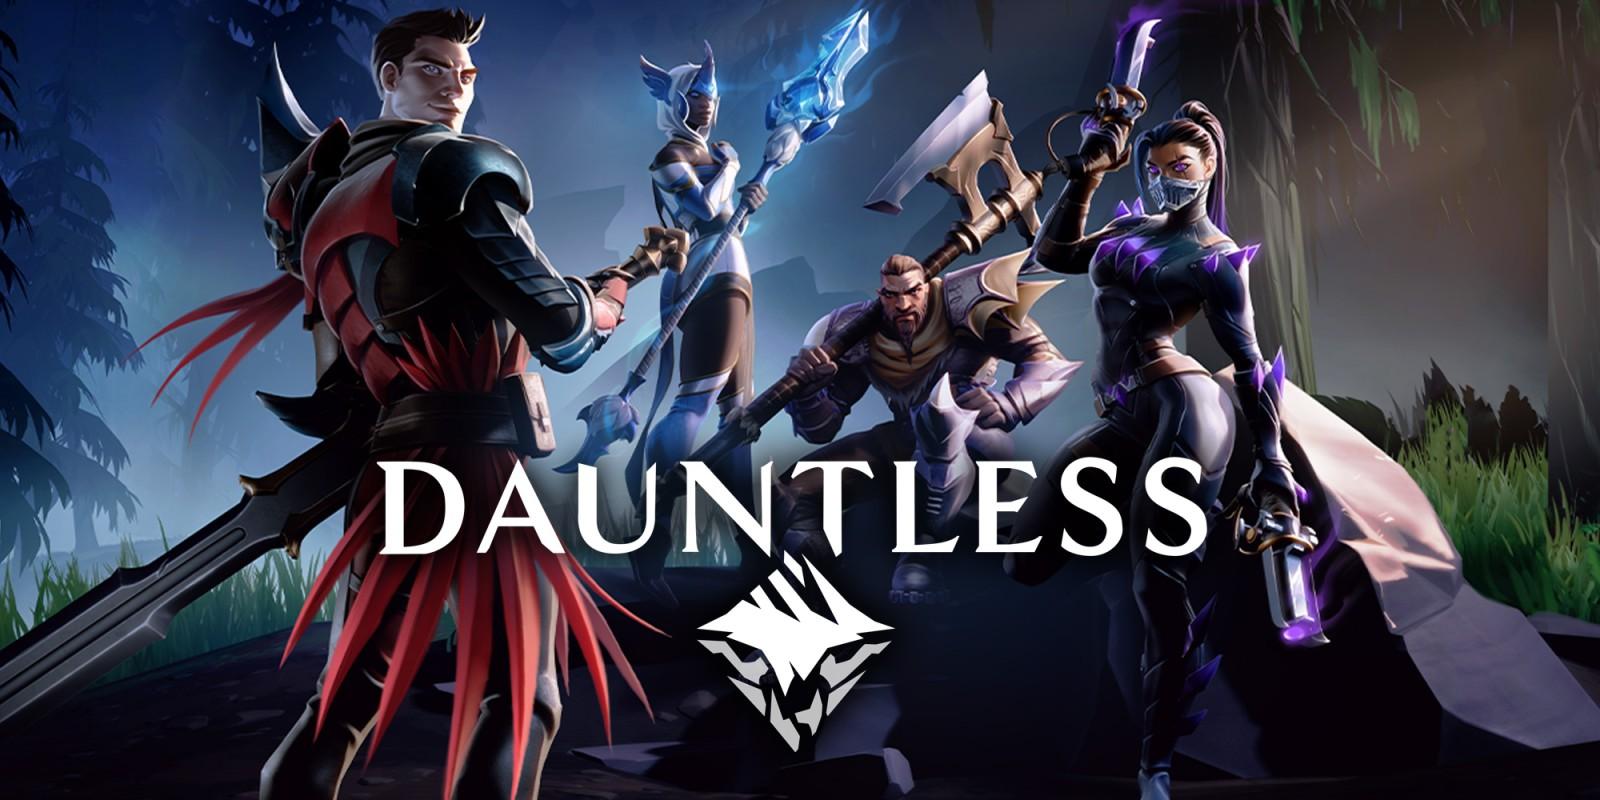 RPG de ação cooperativo Dauntless já está disponível na eShop do Nintendo Switch, baixe gratuitamente